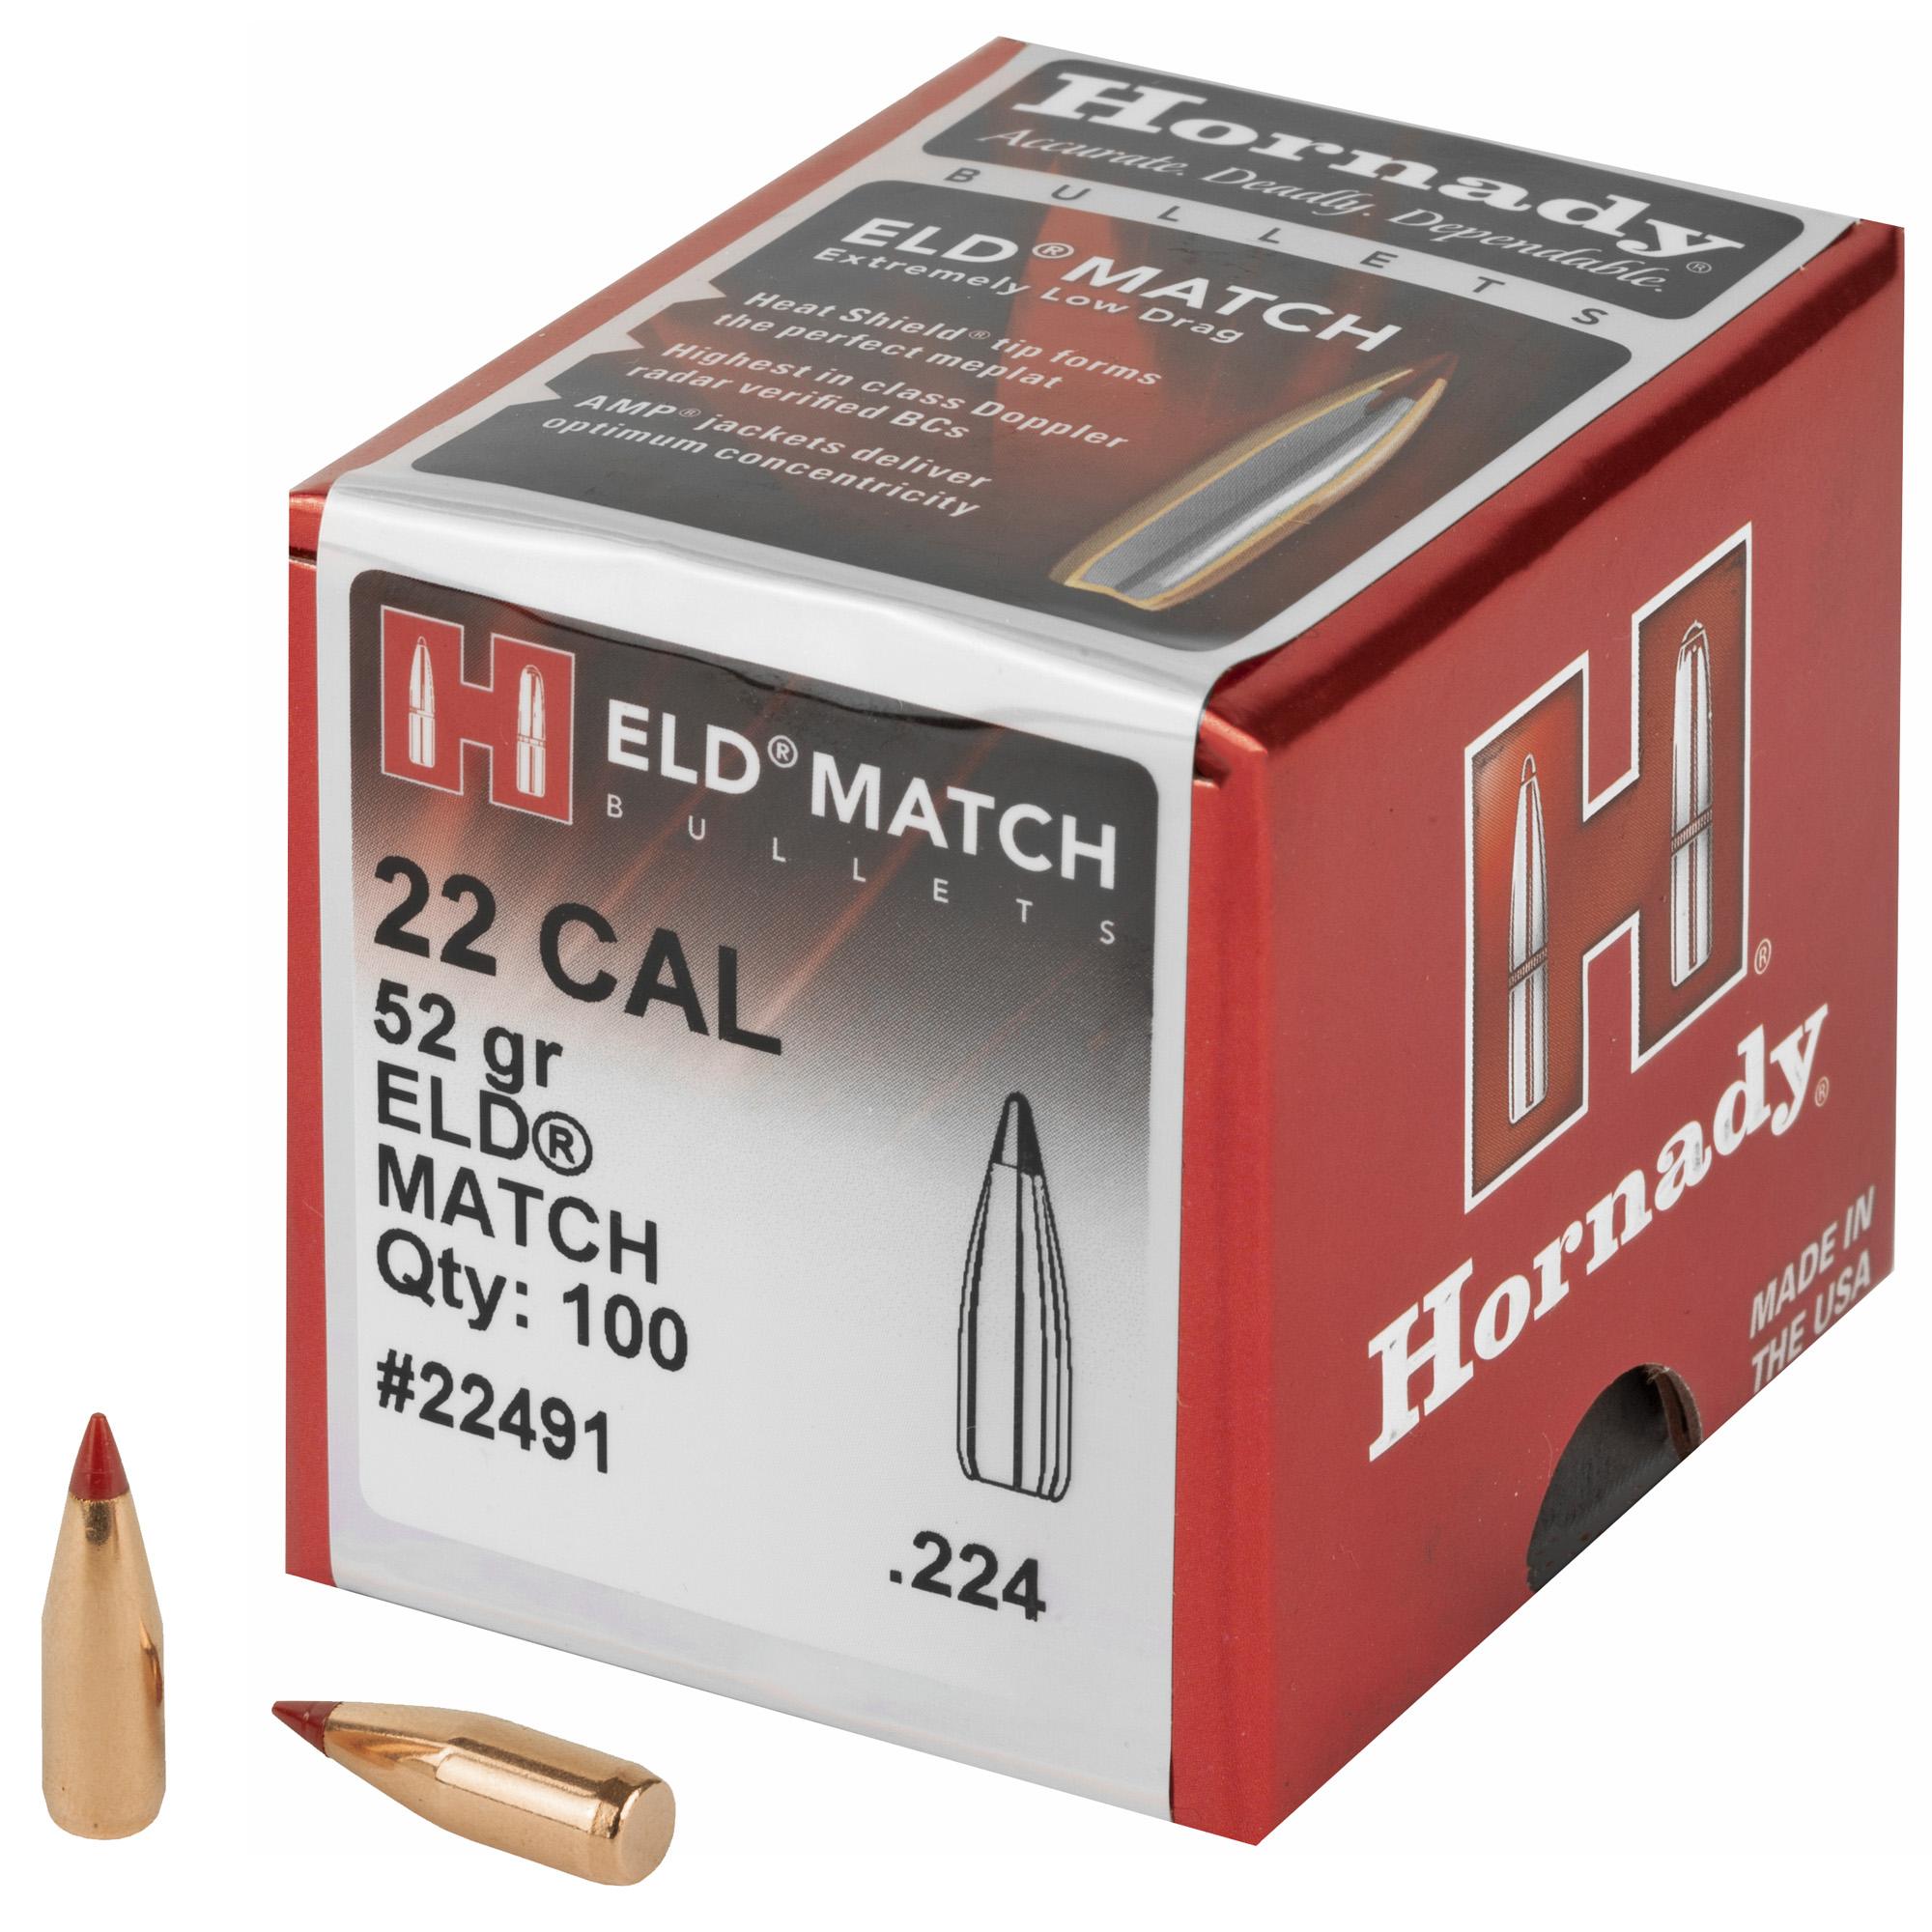 Hrndy Eld-m 22cal .224 52gr 100ct